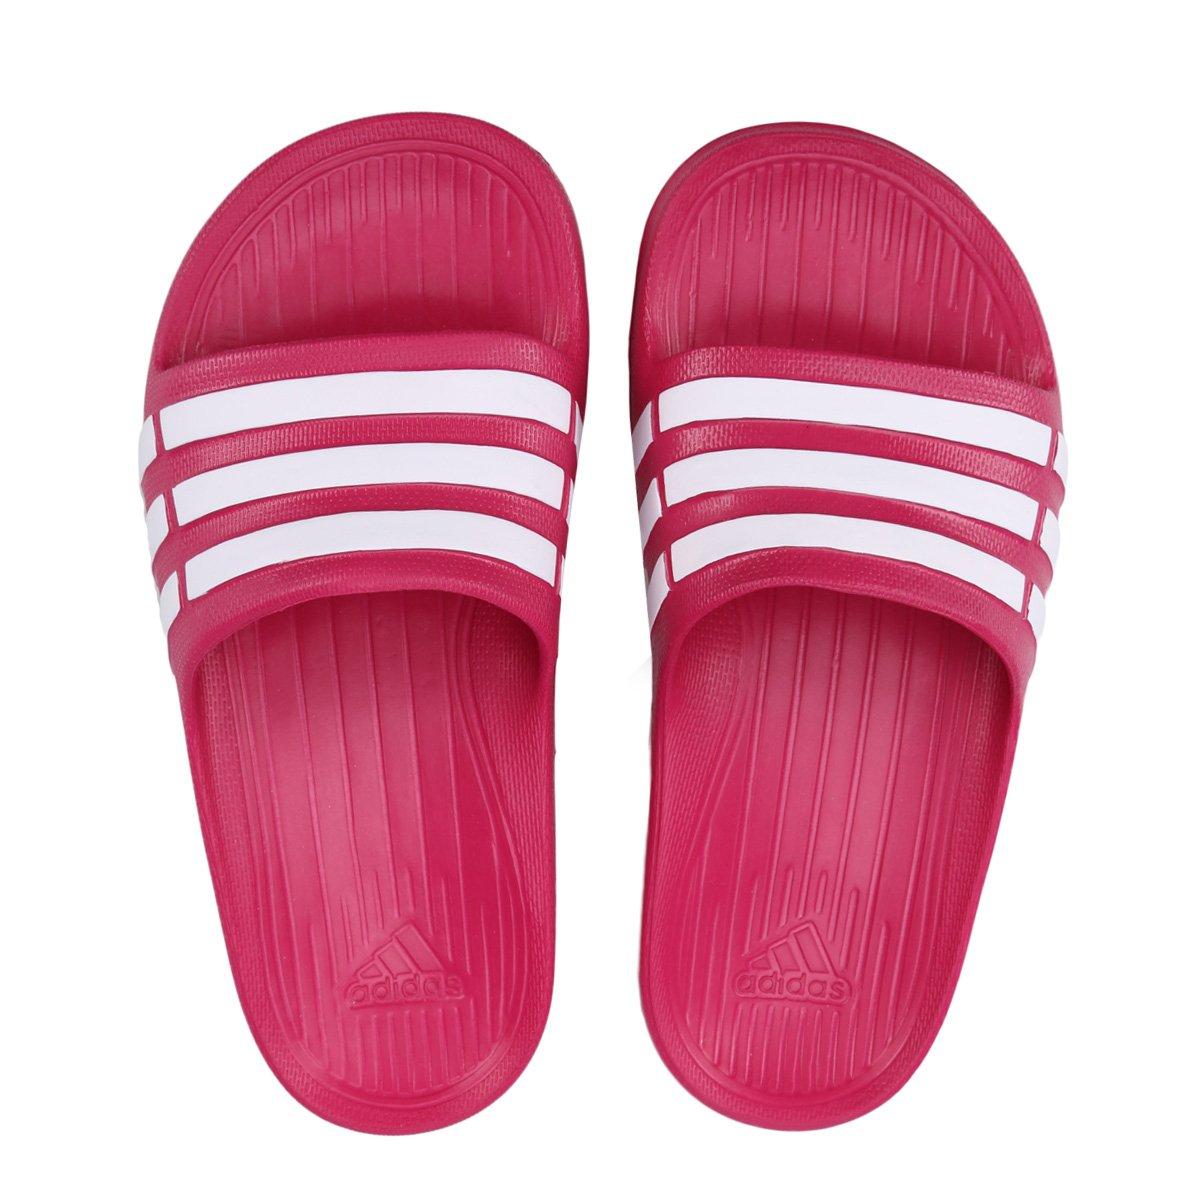 Sandália Adidas Duramo Slide K Synth Infantil - Pink e Branco - Compre  Agora  5f520198c75